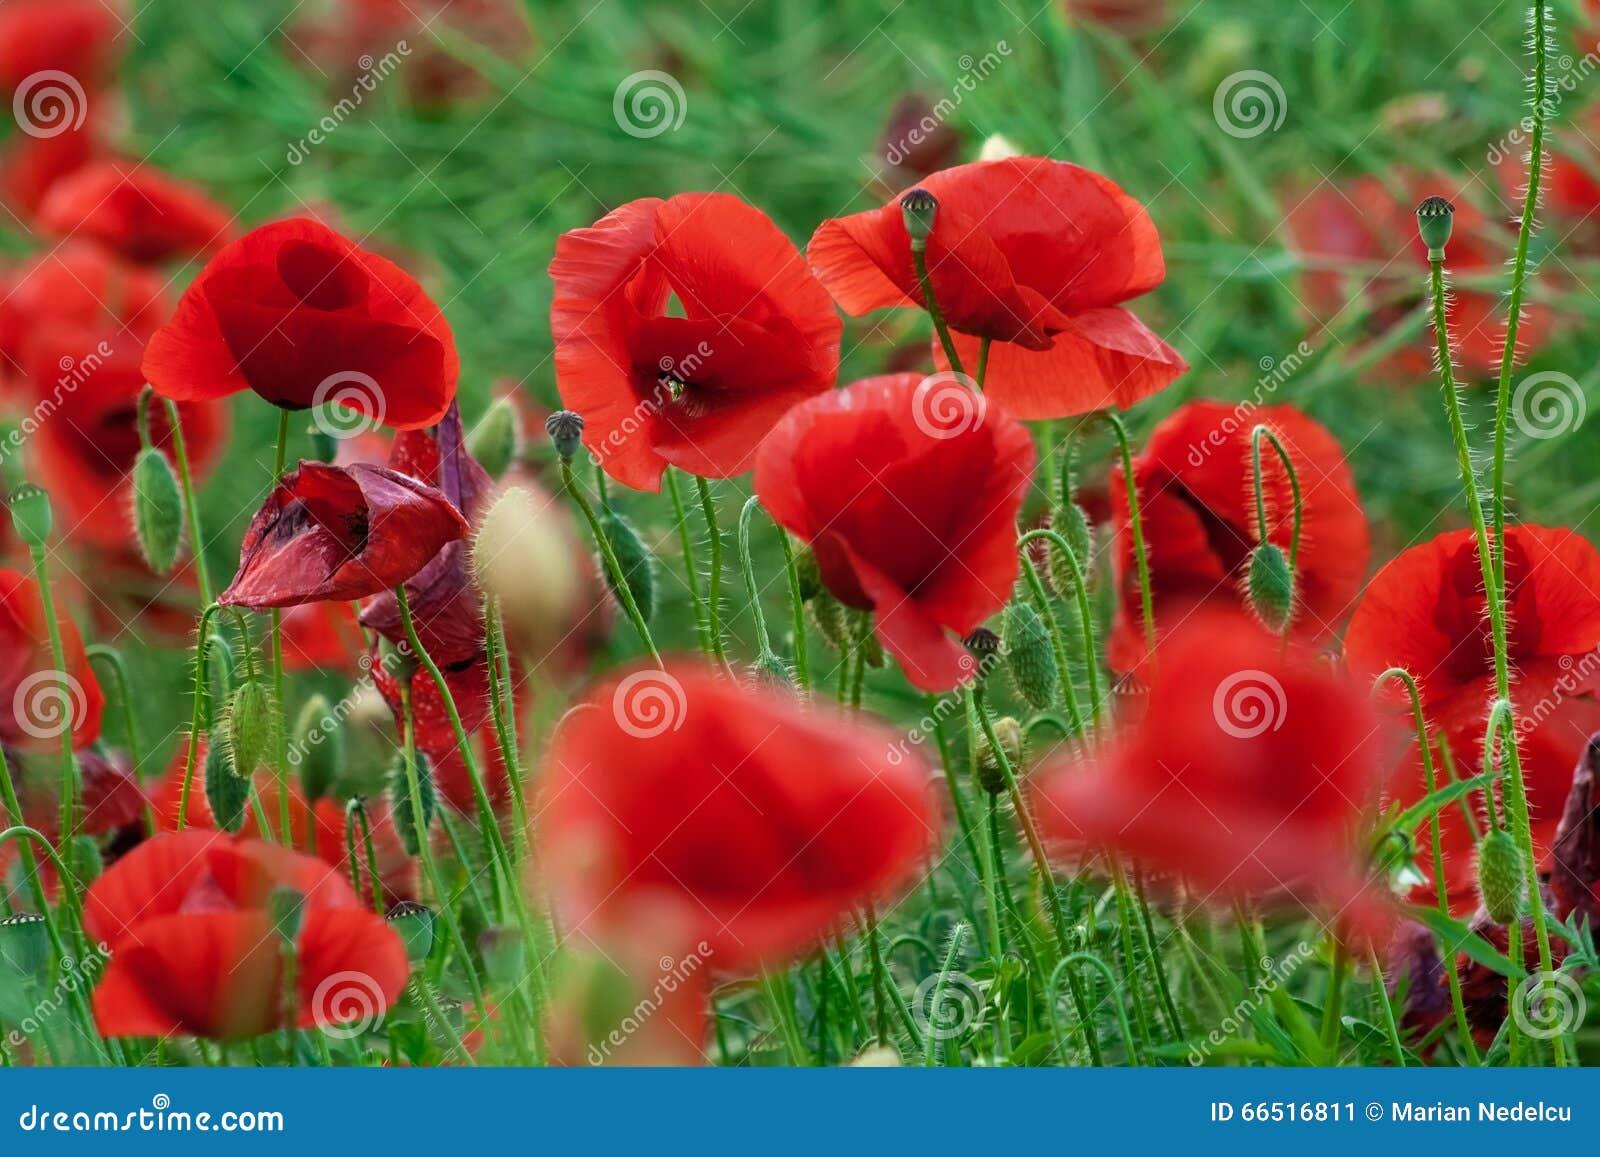 ¡Amapolas rojas en el condado de Tunari, cerca de Bucarest, Rumania!